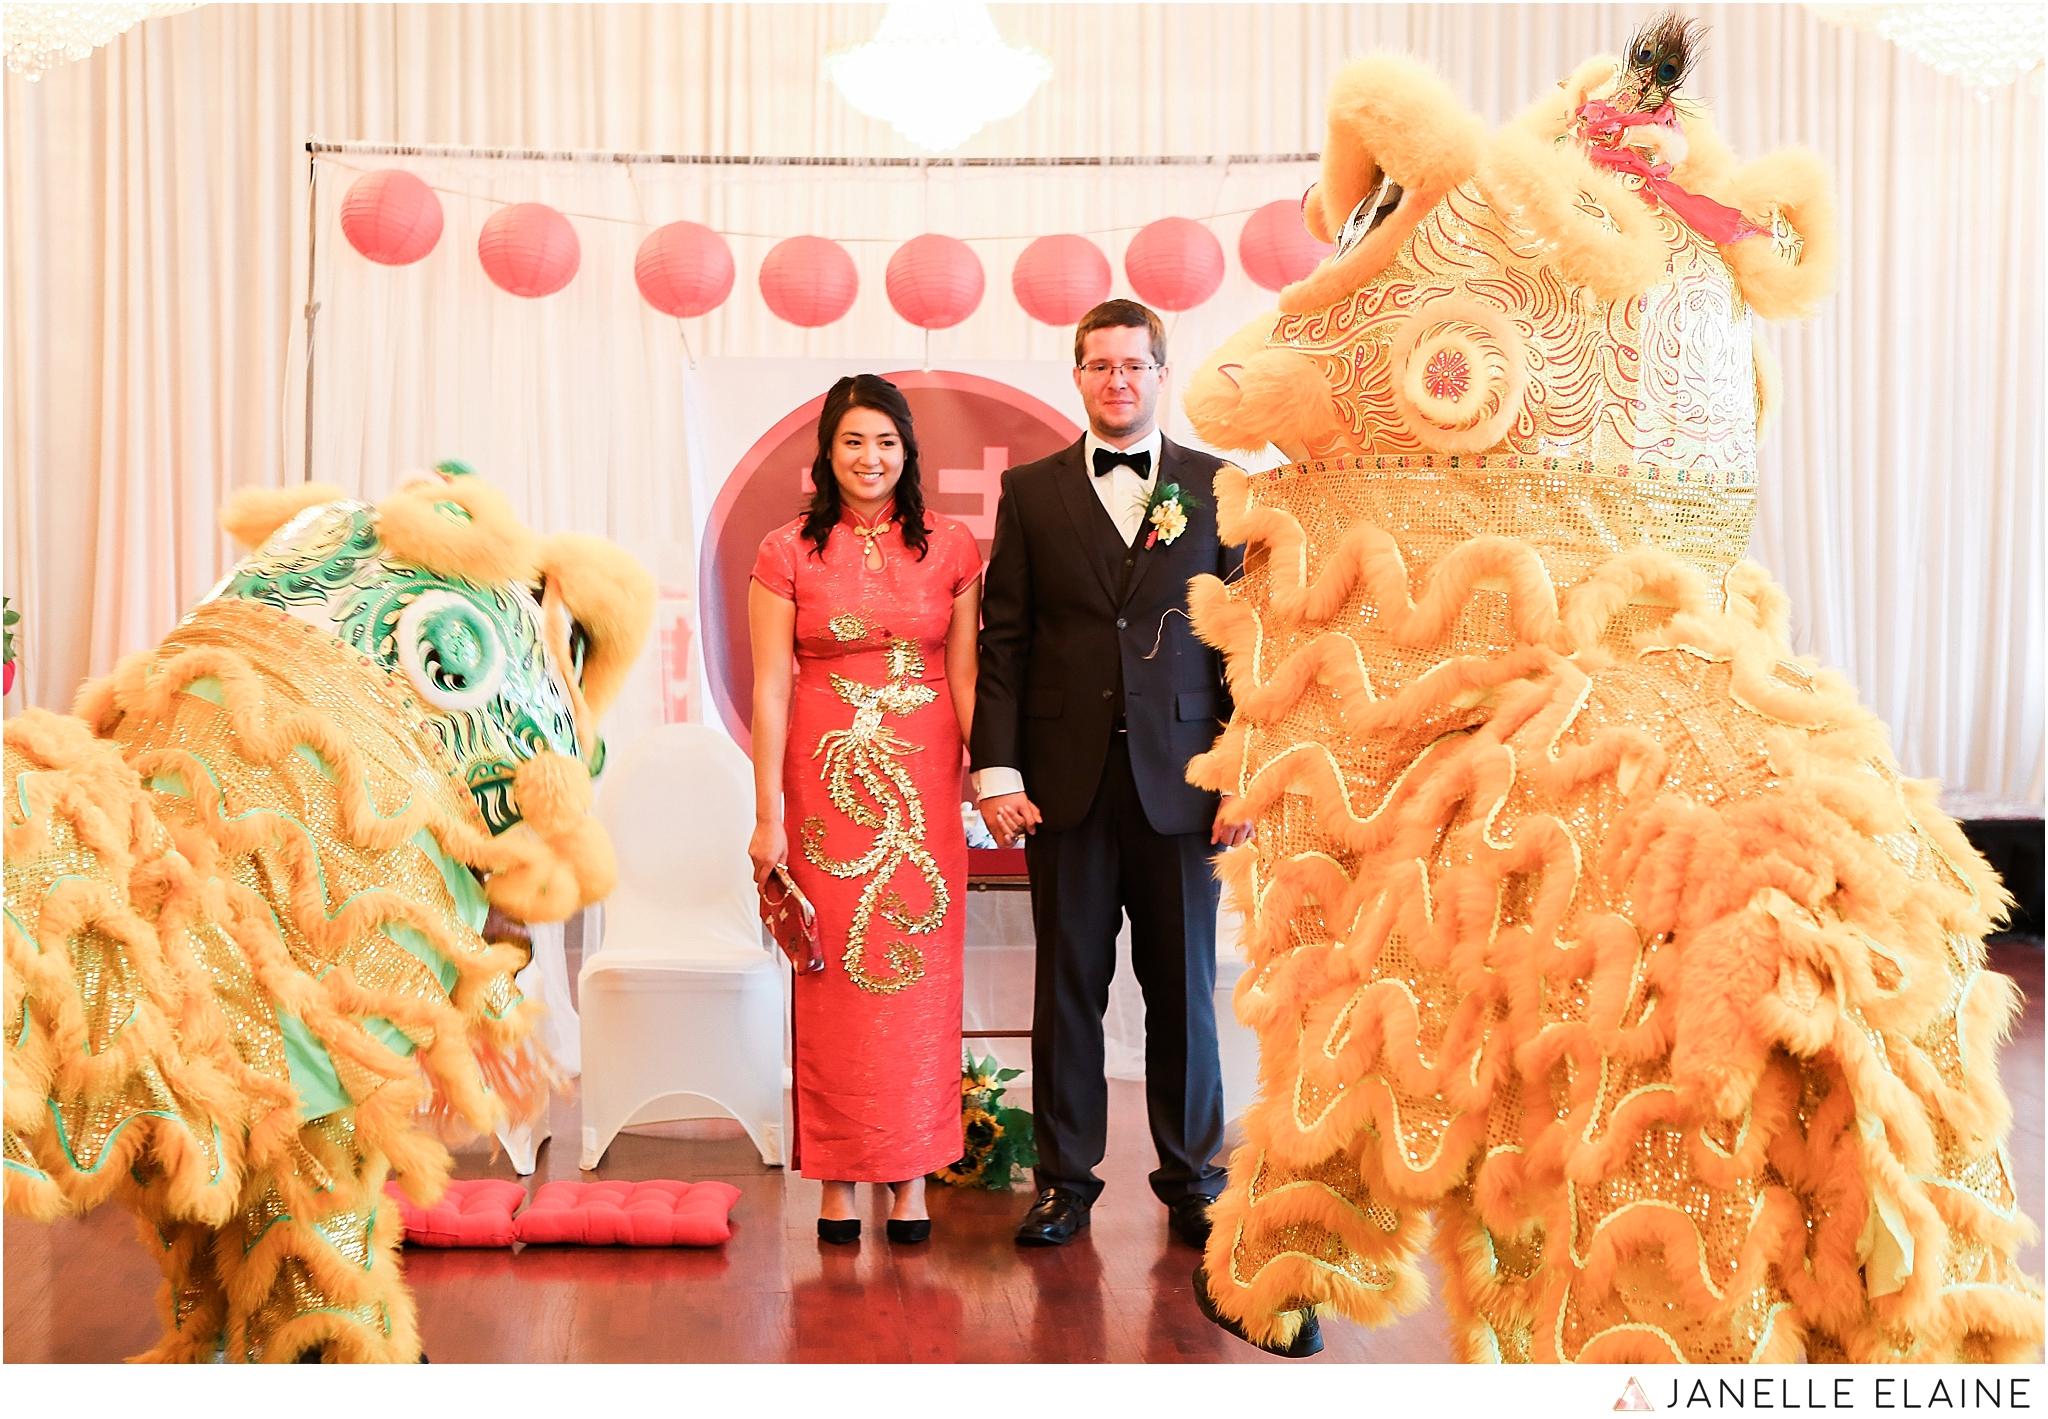 janelle elaine photography-professional wedding photographer seattle--156.jpg